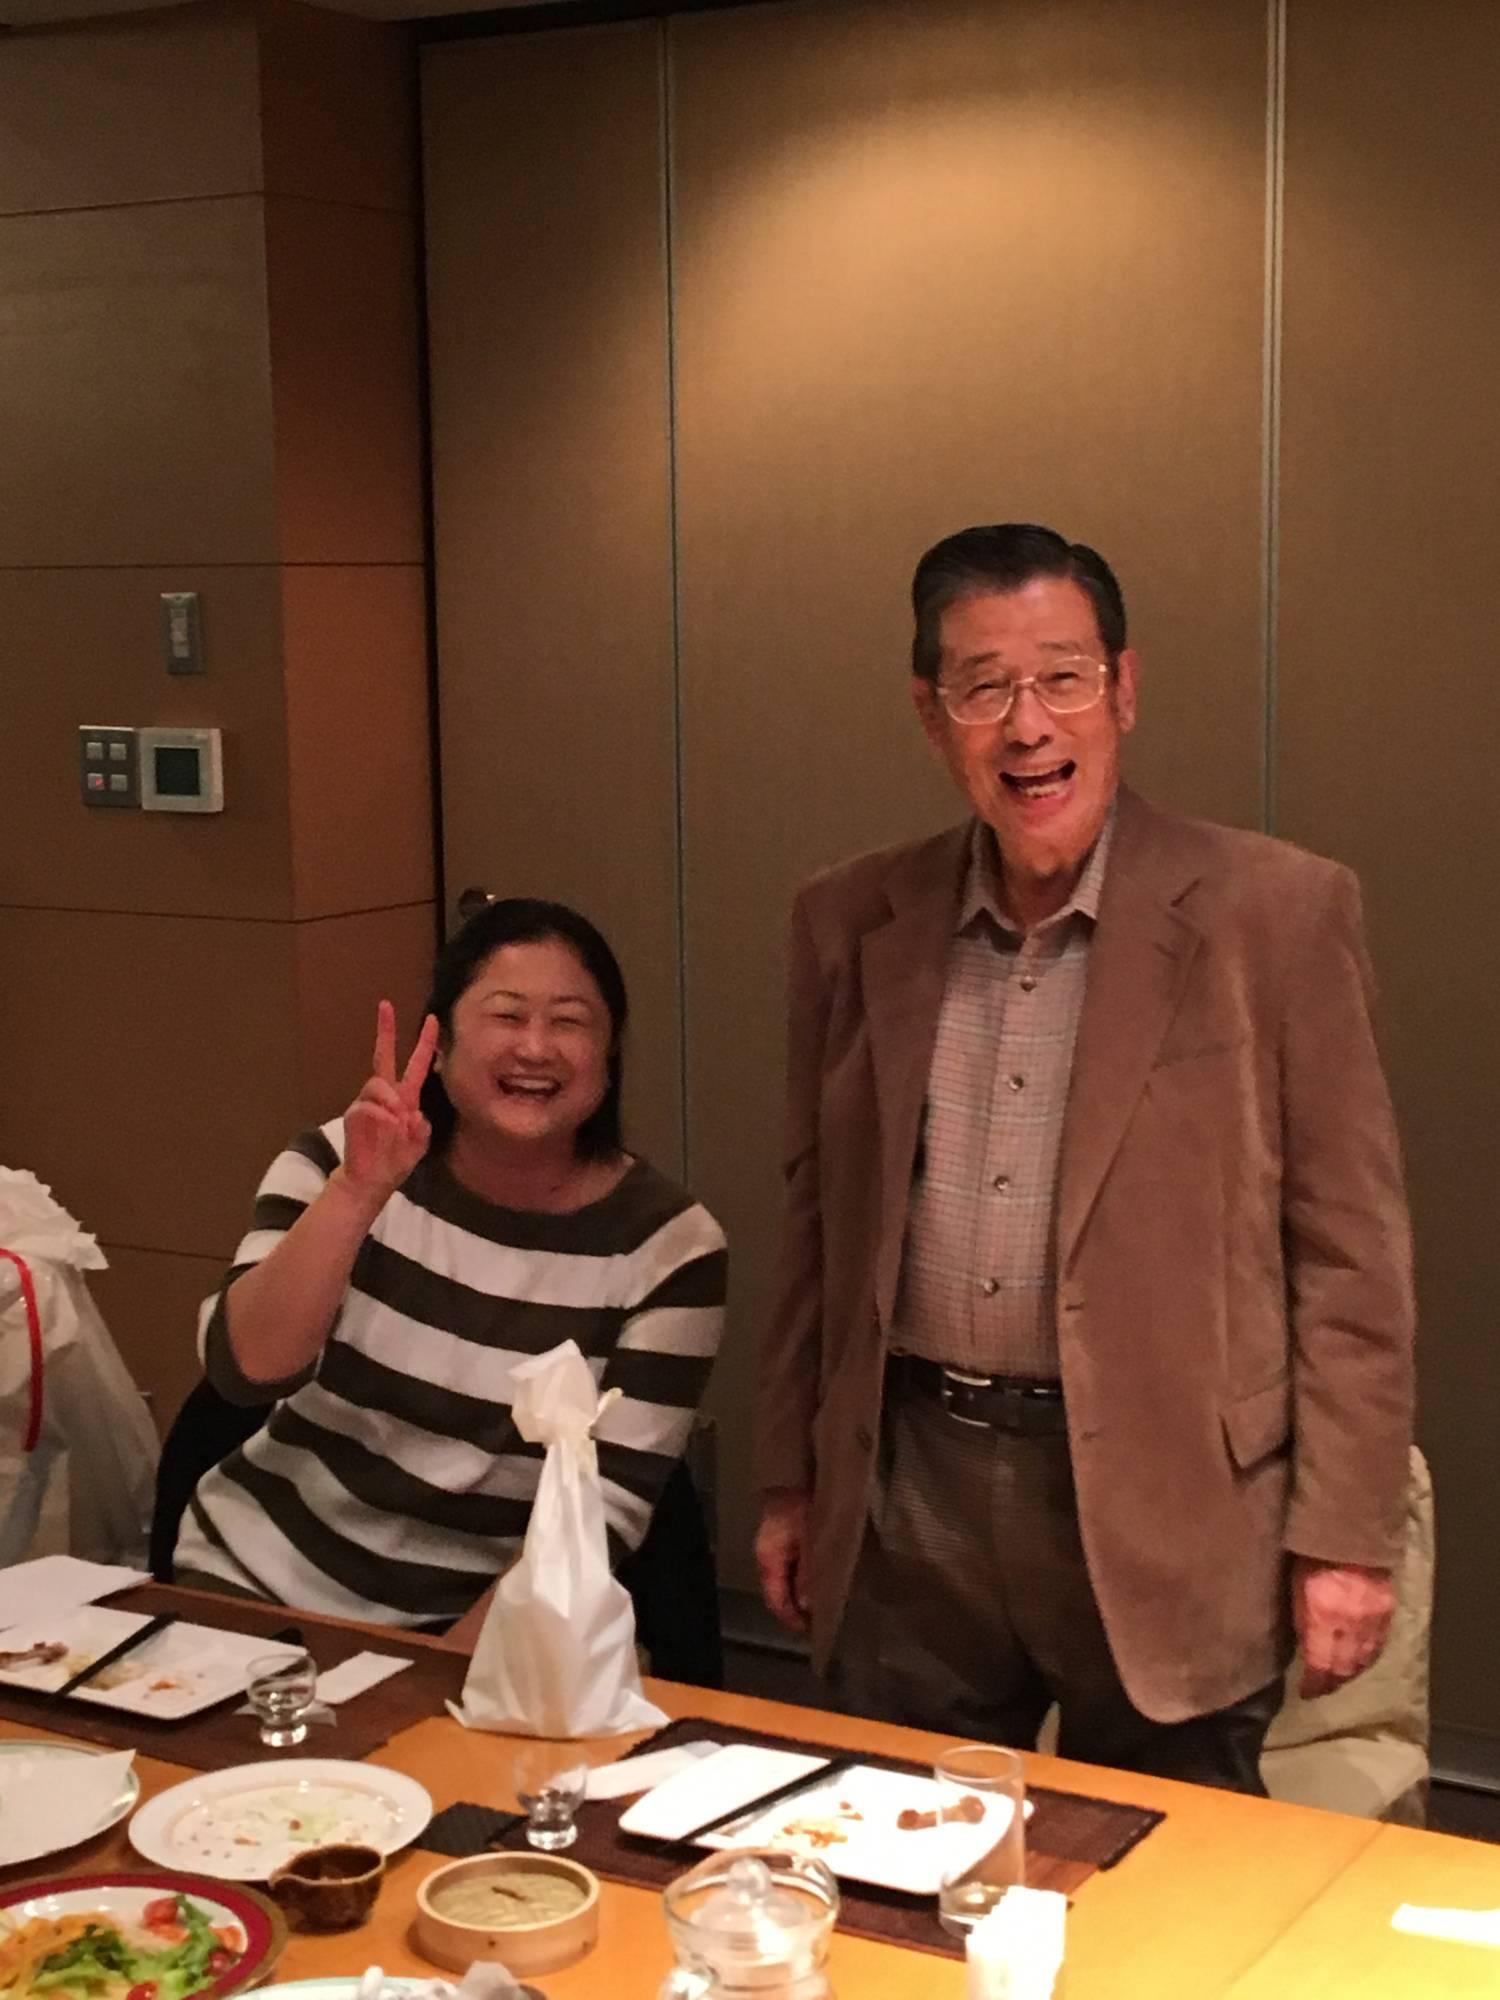 田中先生と久保田氏(旧姓)おめでとうございます。師弟のツーショット